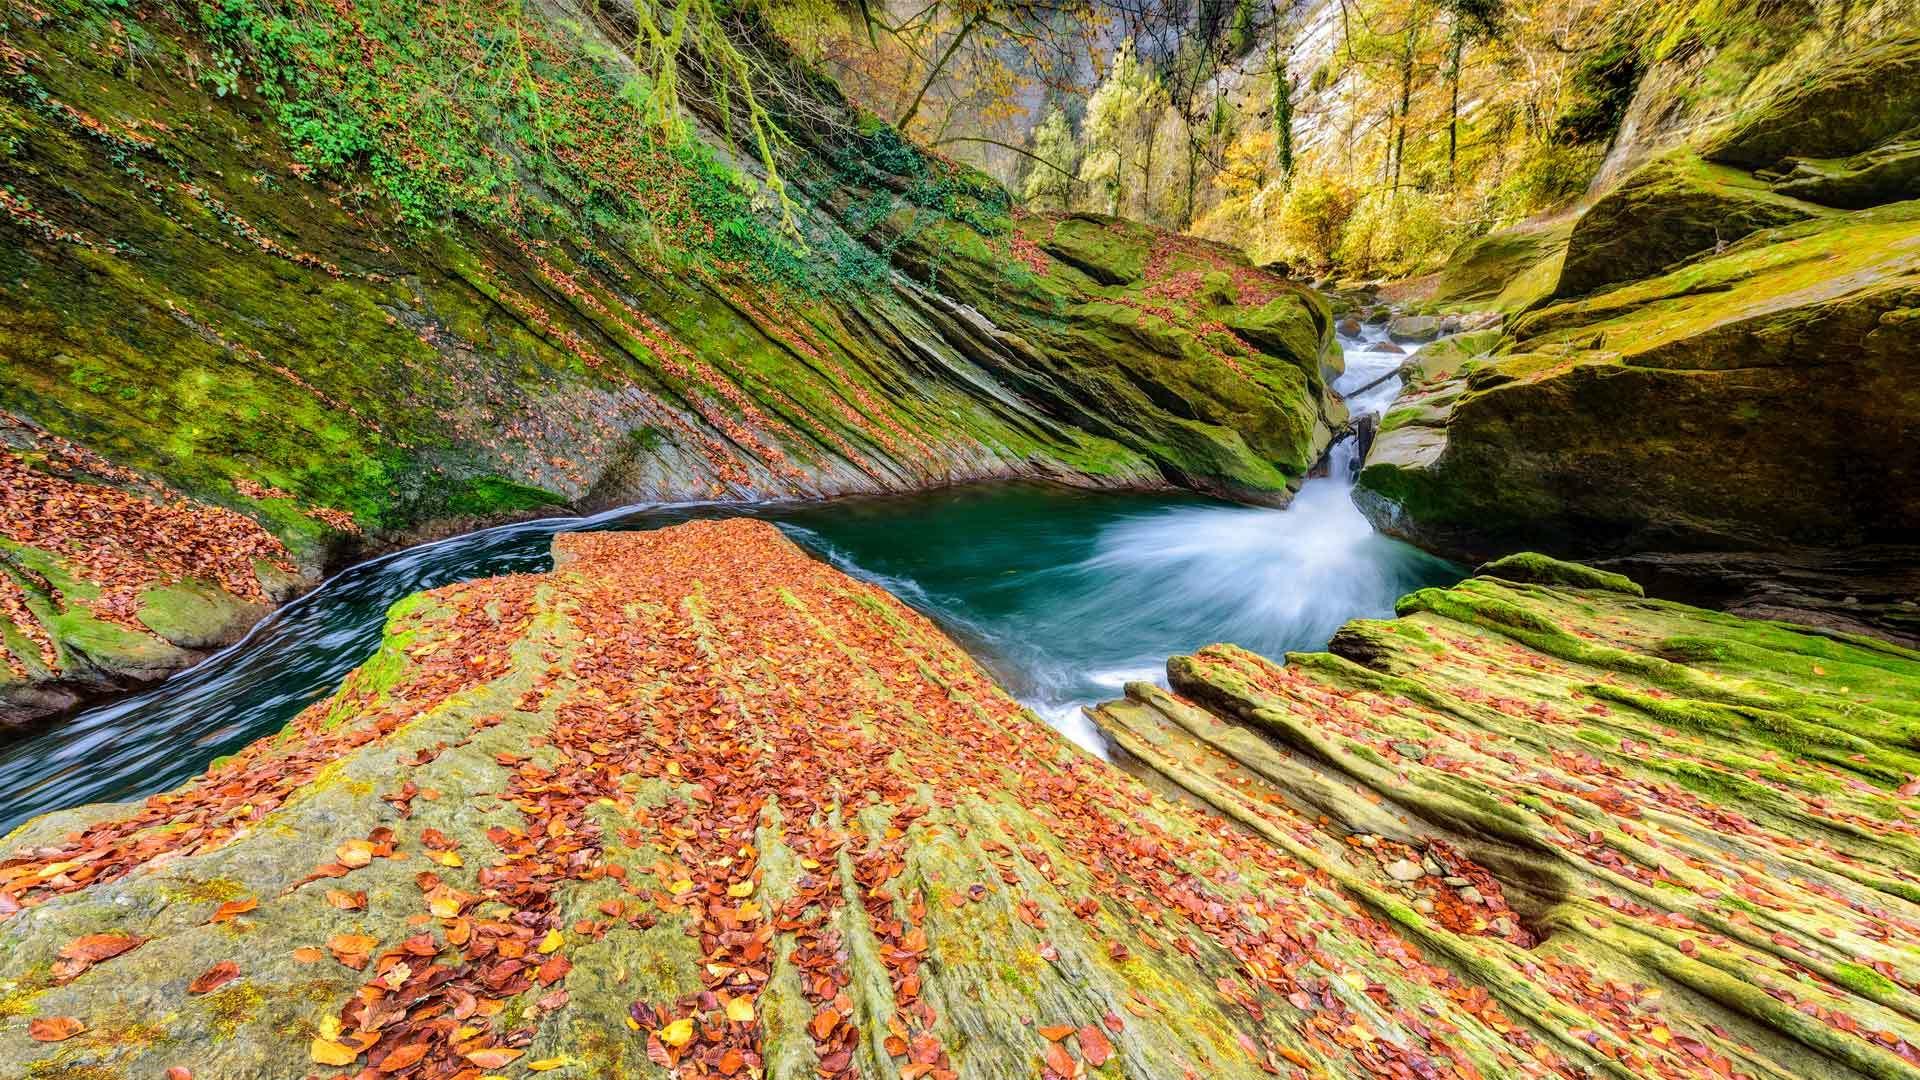 阿尔卑斯山Cheran峡谷中流淌的河流